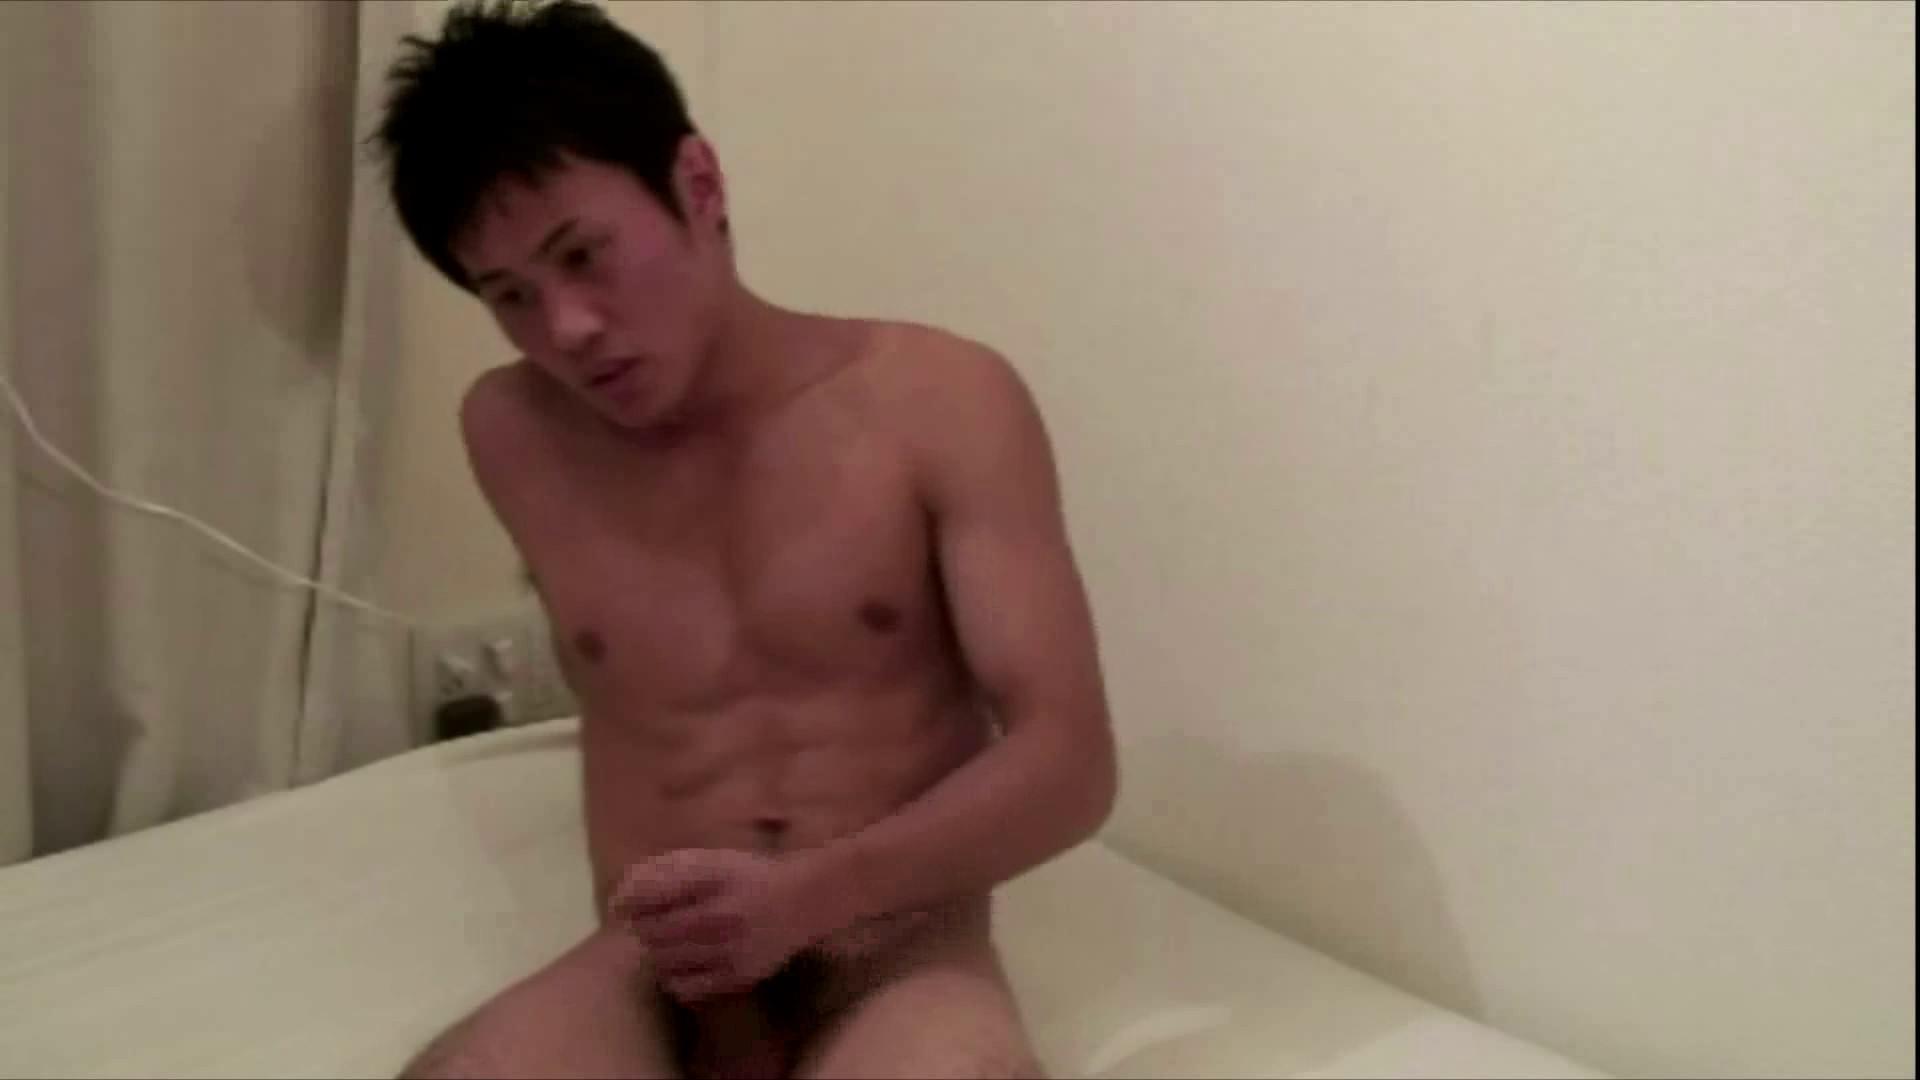 イカせ屋 Vol.11 隠し撮り動画   着替え覗き ゲイAV 91pic 81